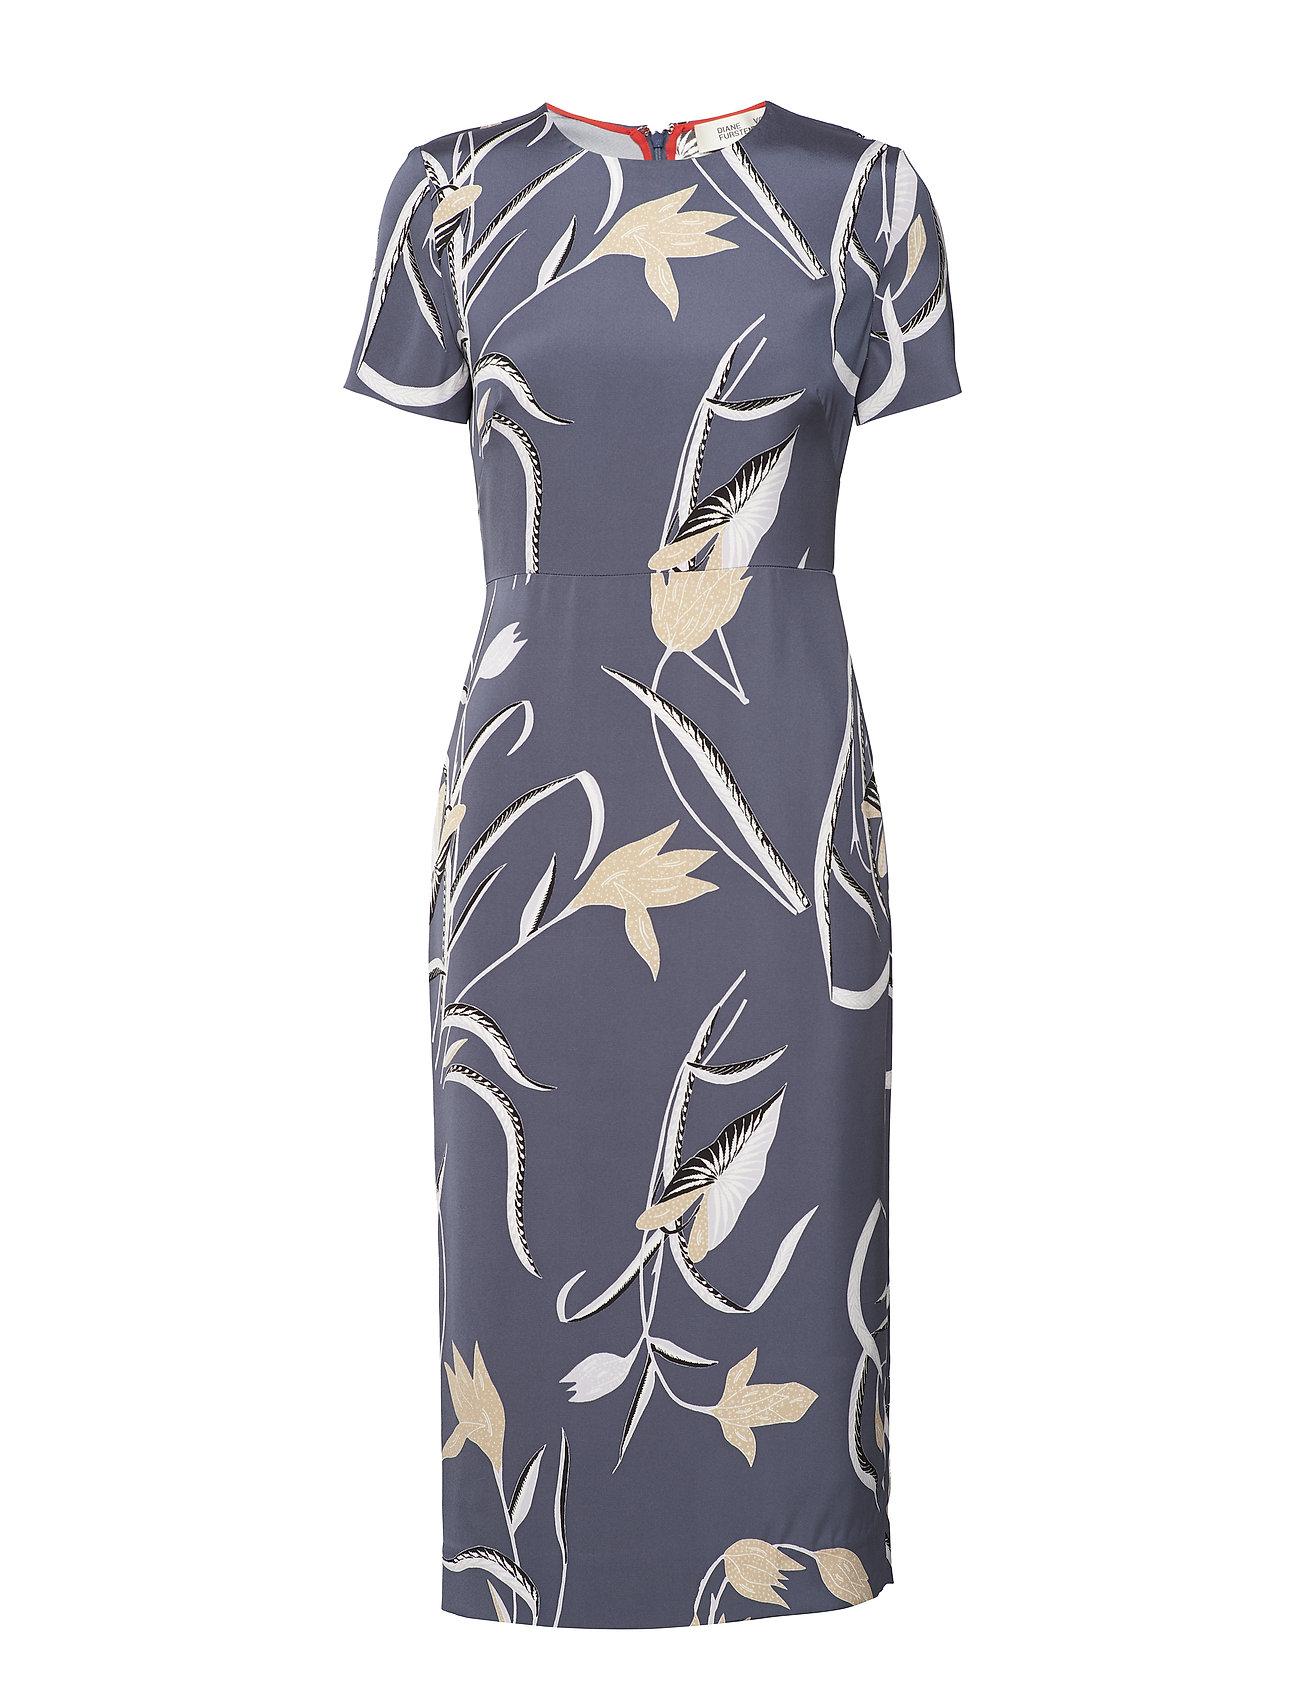 S/S Crewneck Dress - Diane von Furstenberg